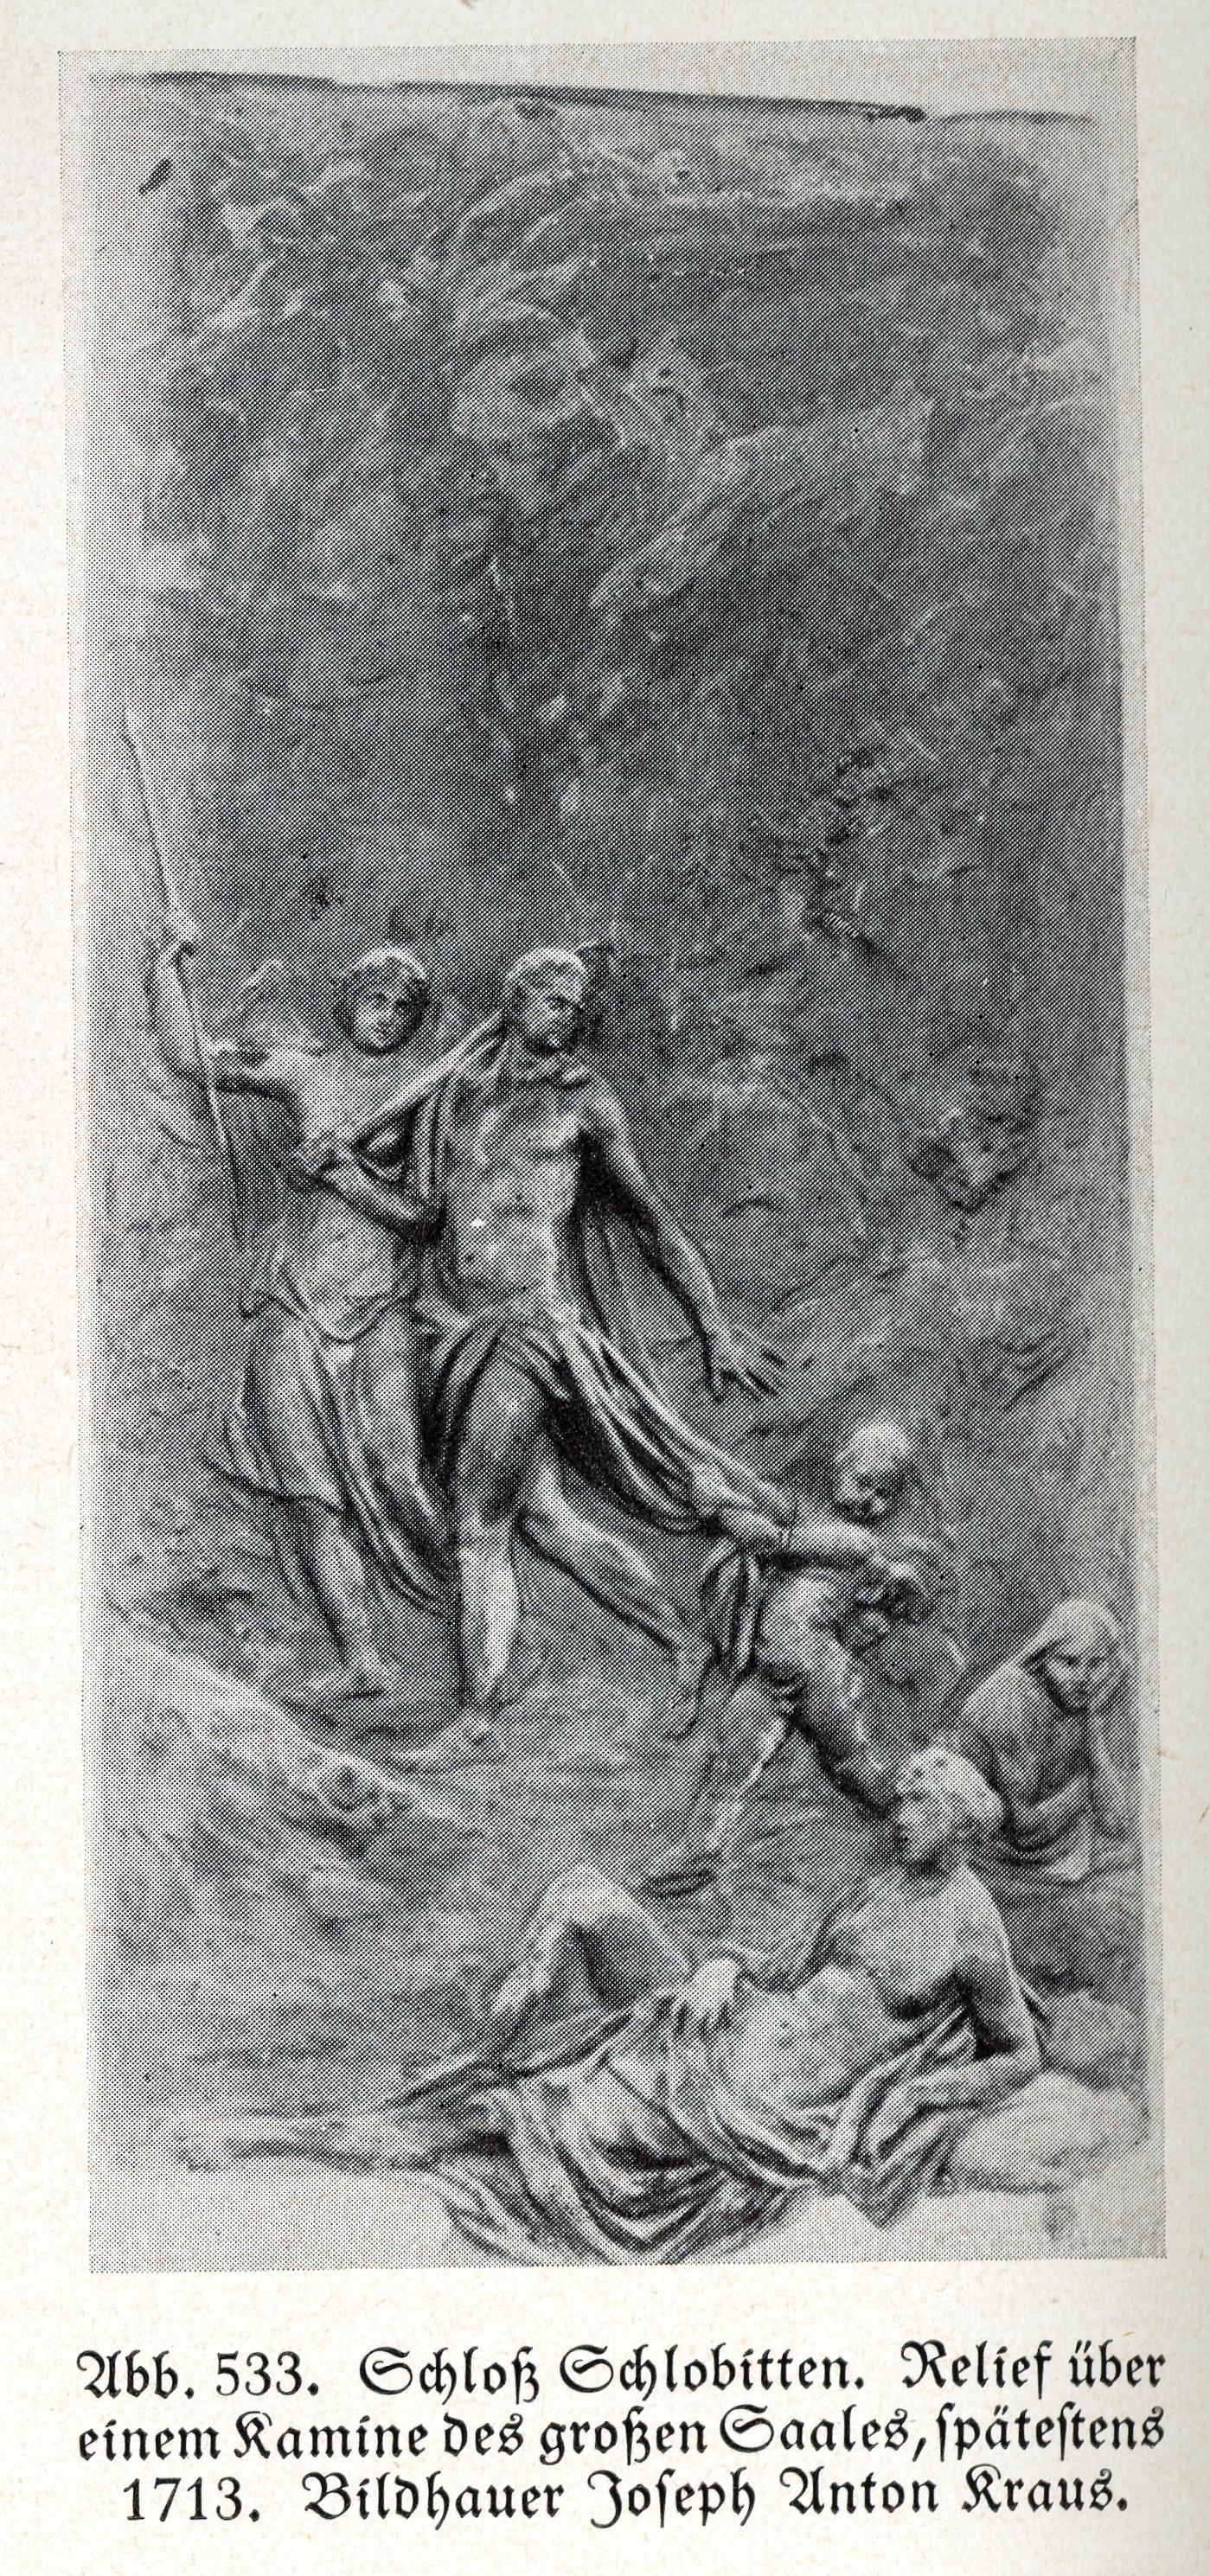 Krauss Der Stein krauss der stein hubhausdesign co